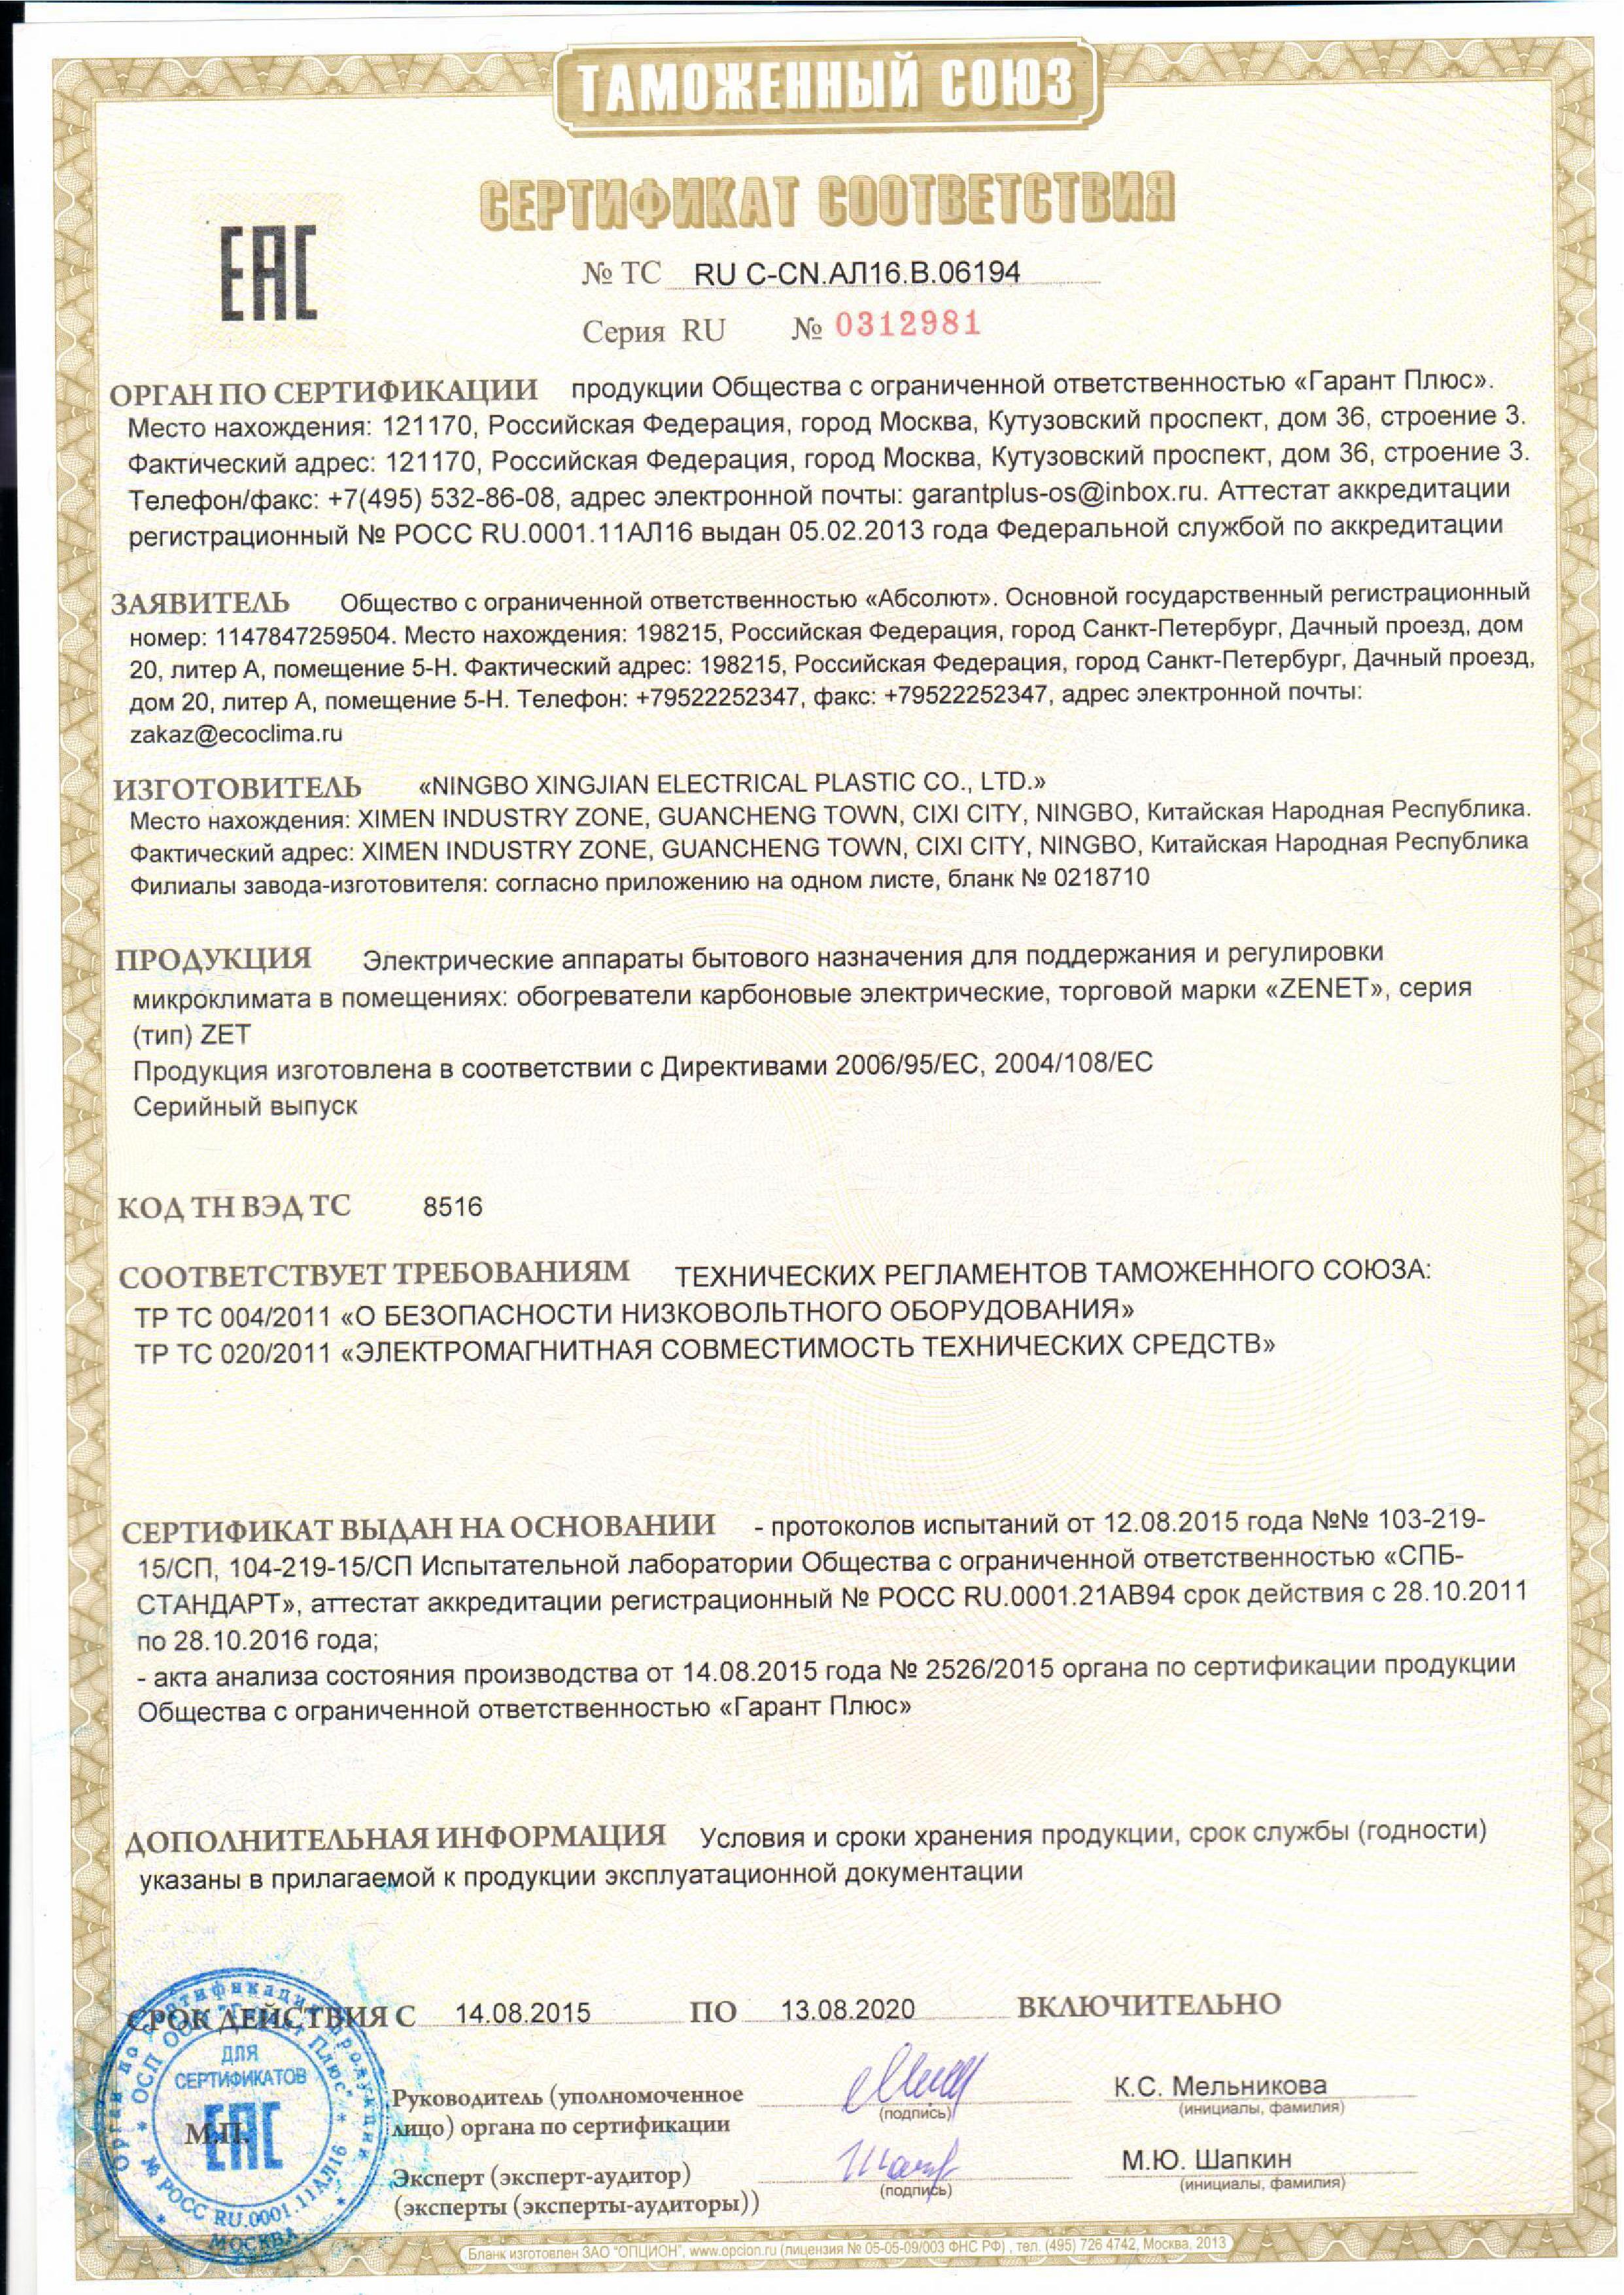 Сертификат соответствия на обогреватели ZENET